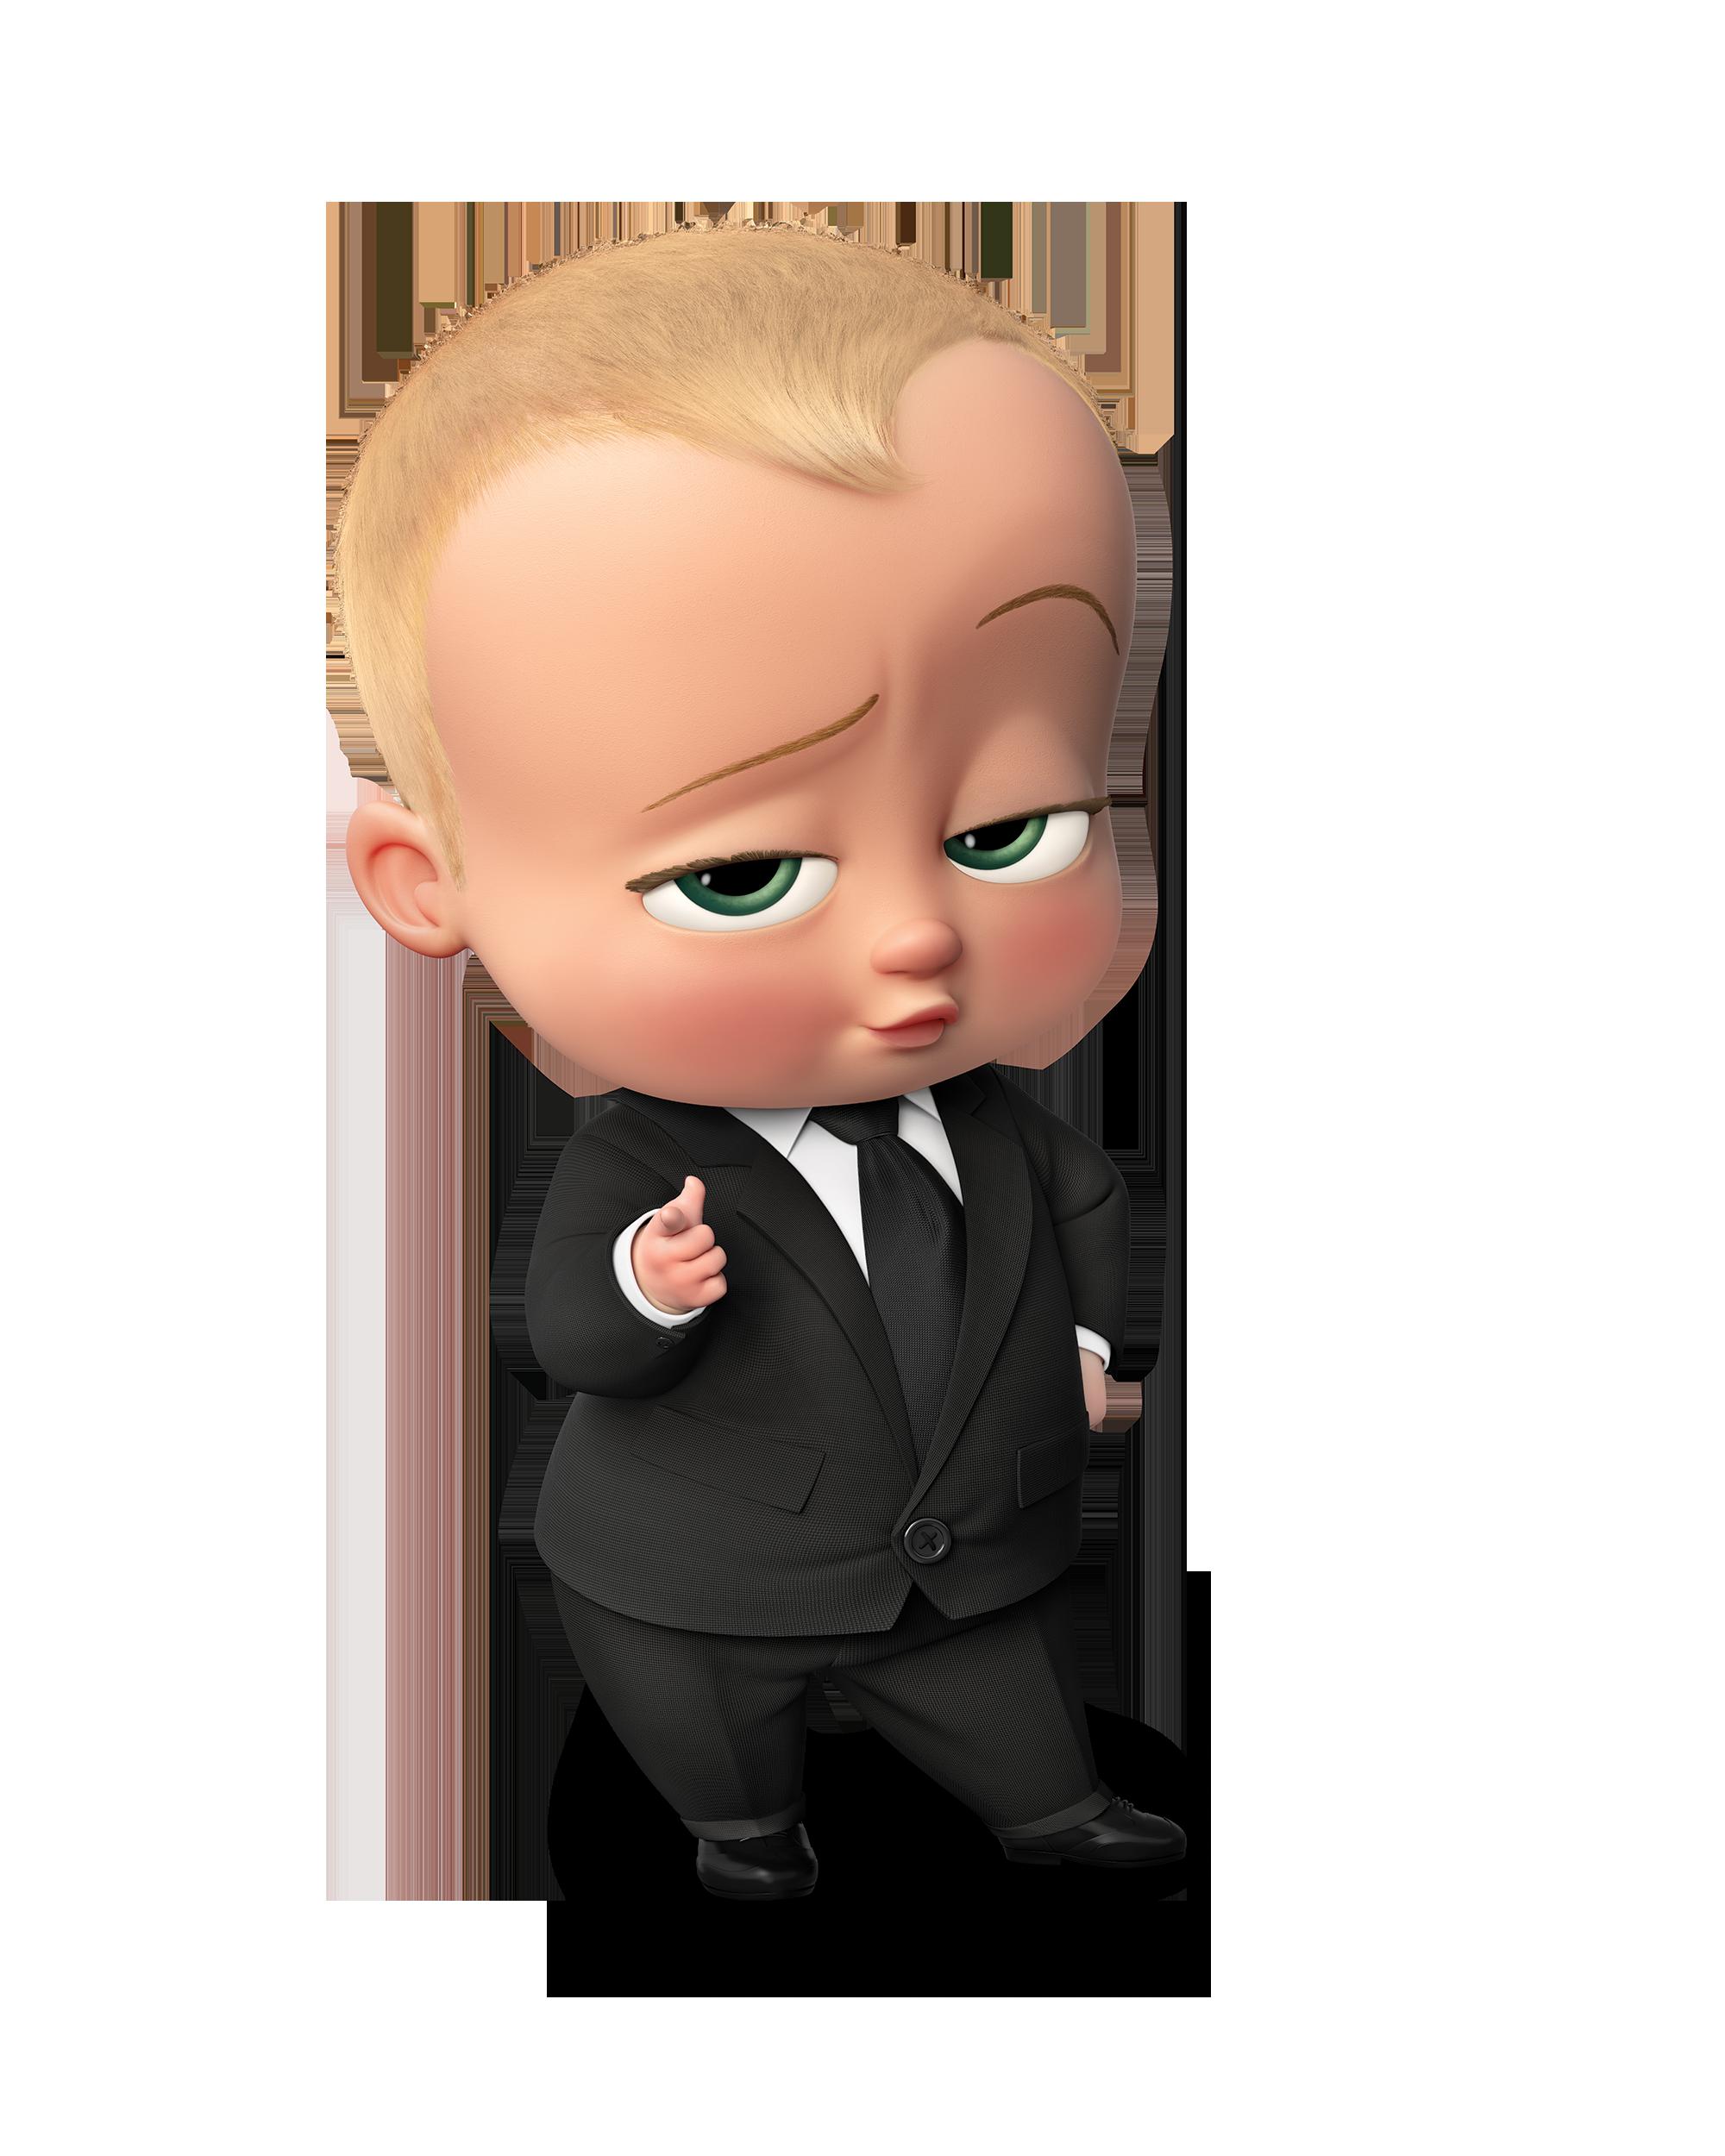 boss baby wiki